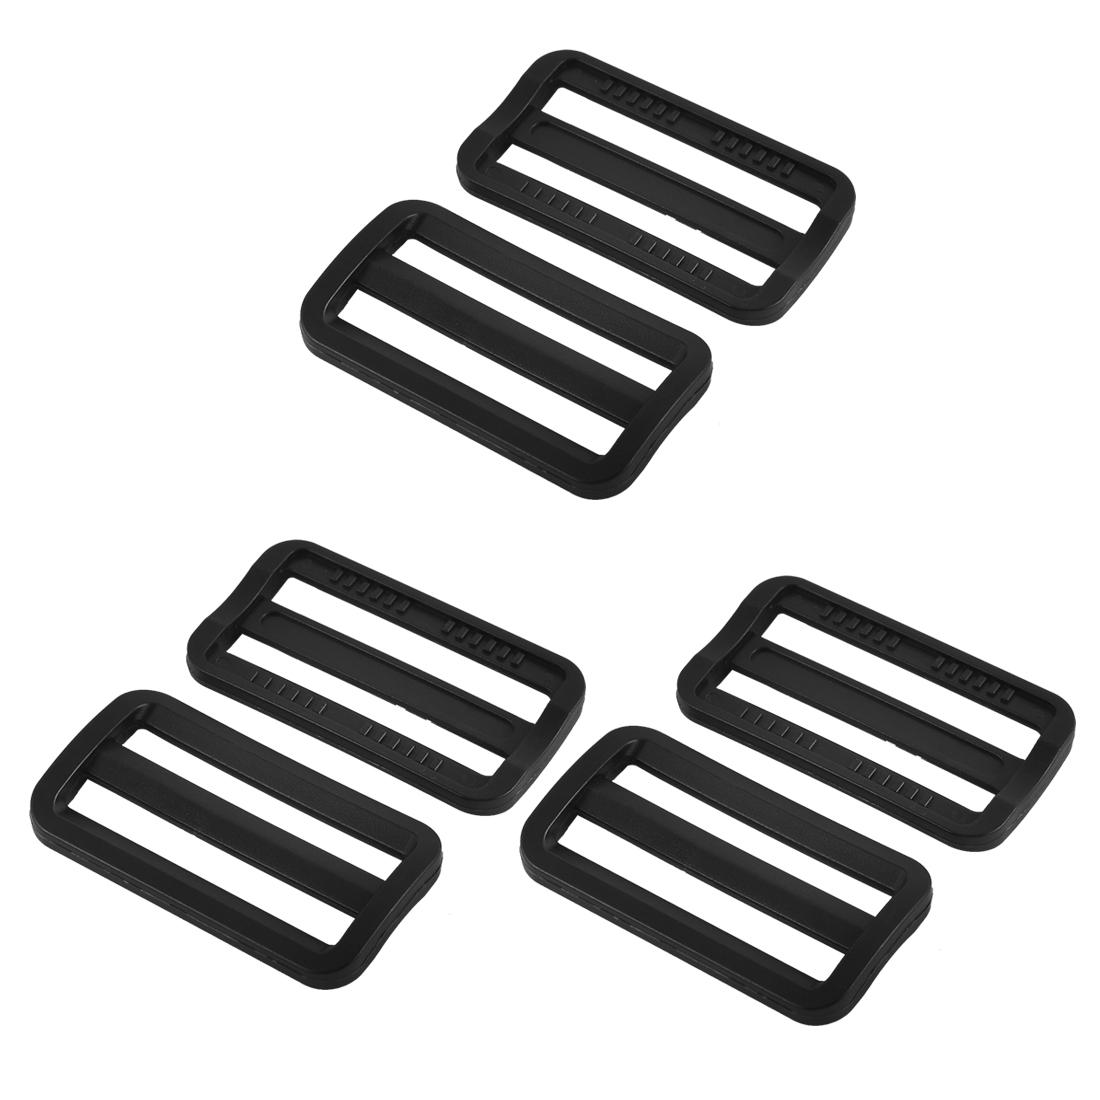 Bag Webbing Strap Belt Plastic Rectangle Connecting Tri Glide Buckles Black 6pcs